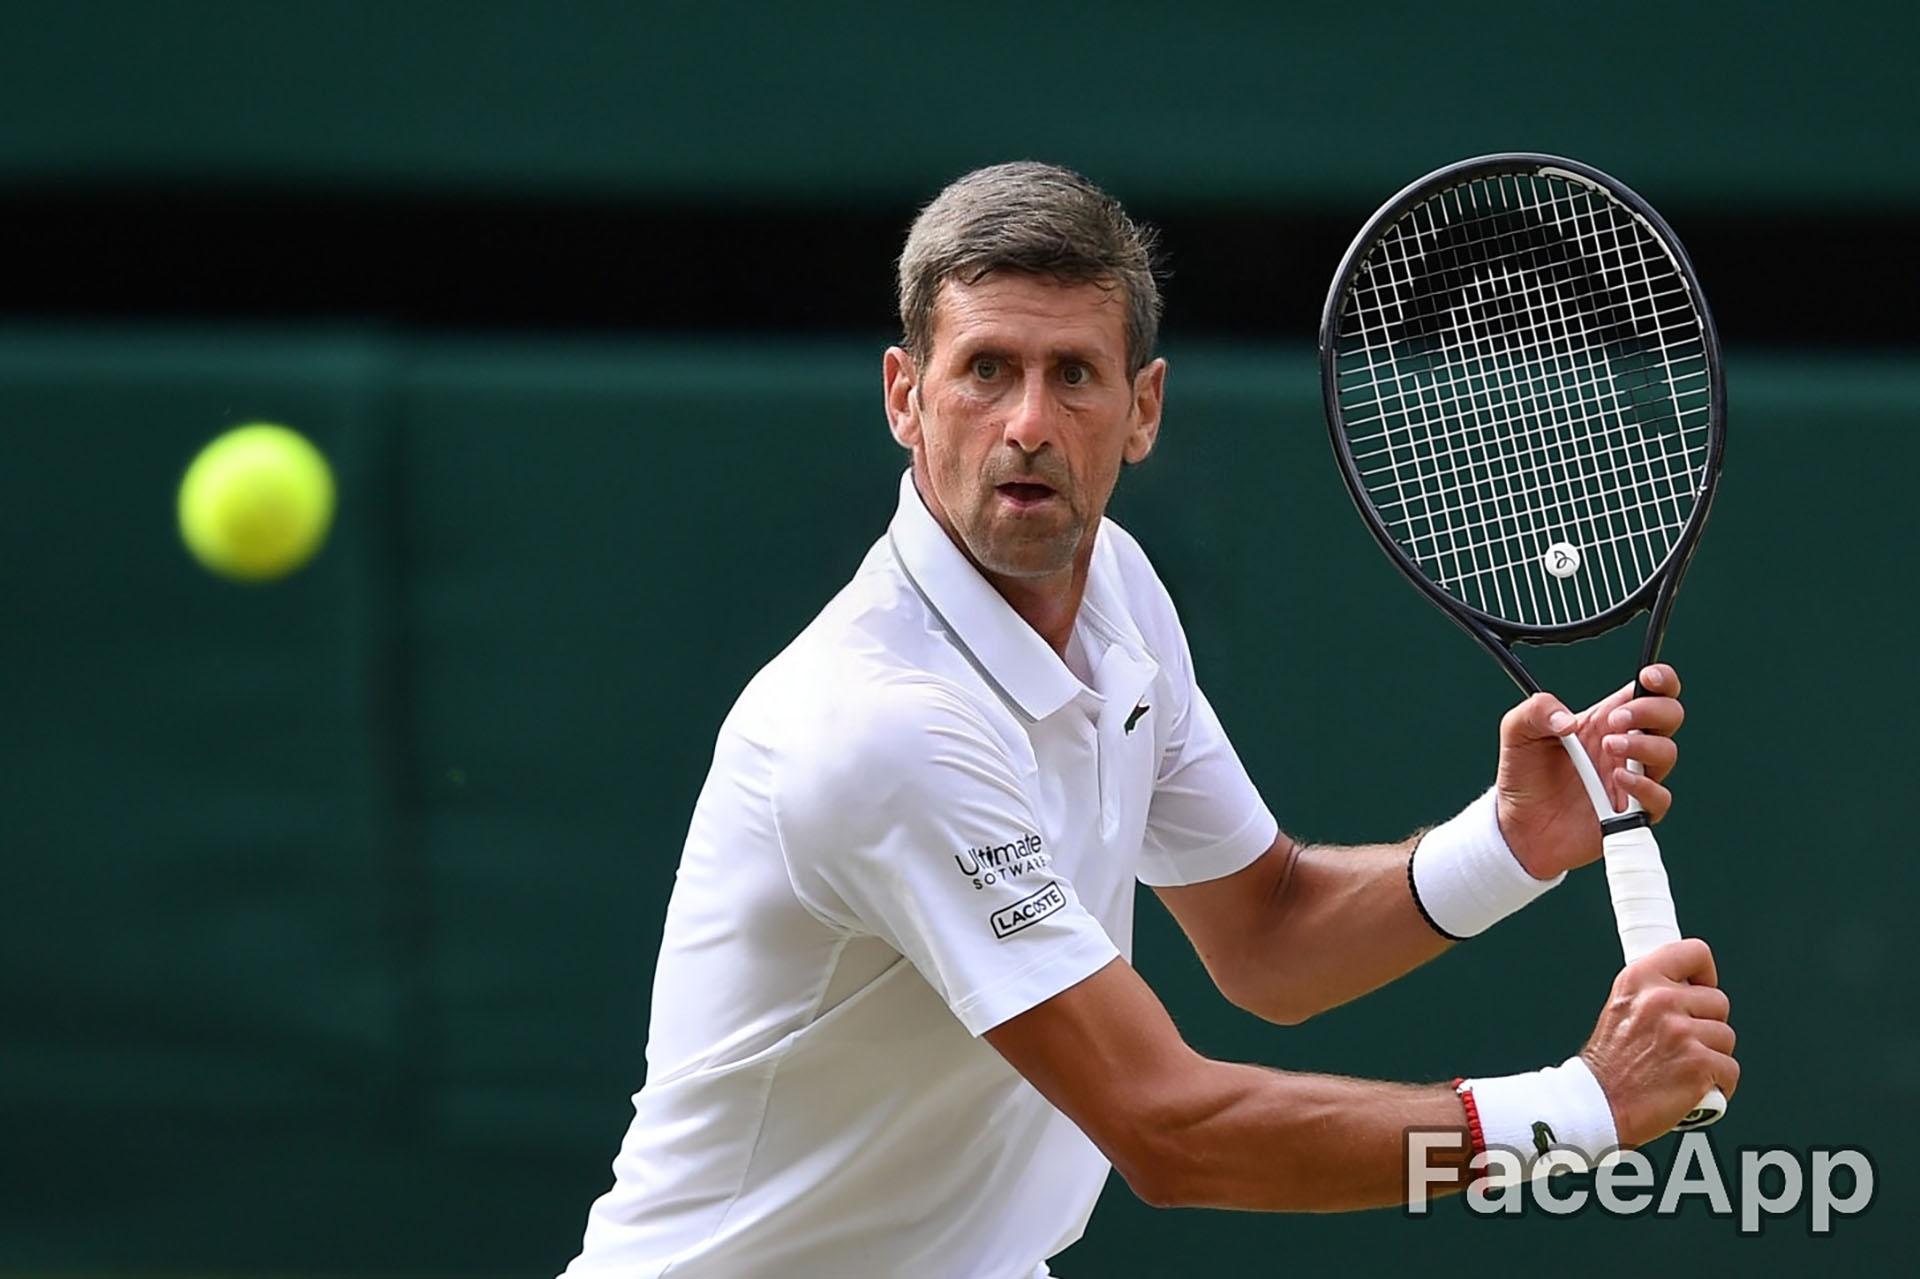 En el año 2050, Novak Djokovic se consagra campeón de WImbledon y vuelve a ser número 1 del mundo